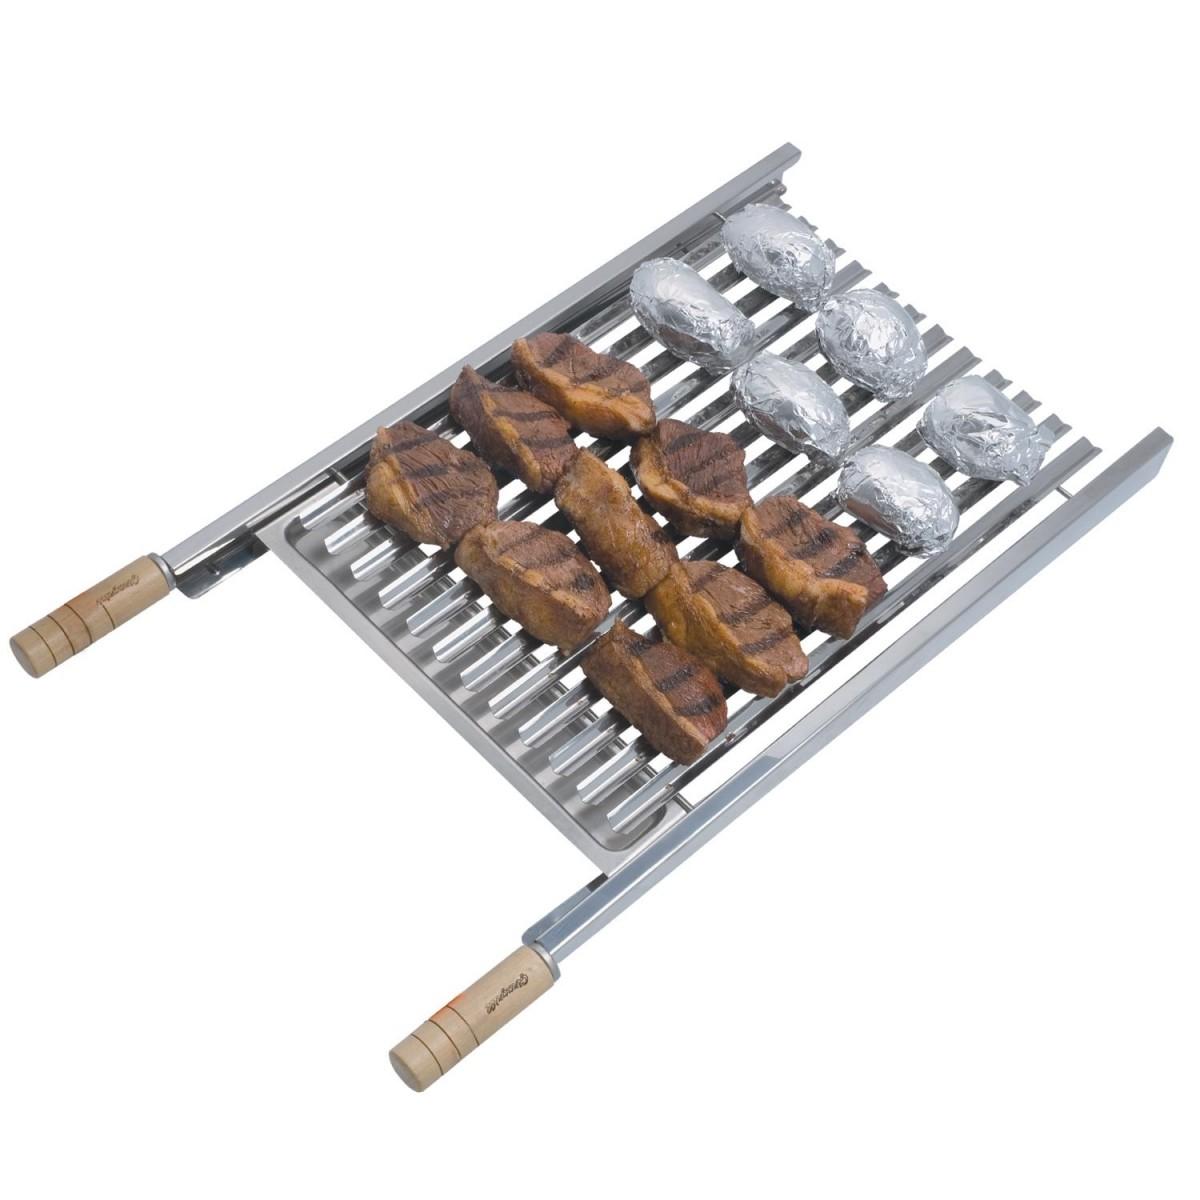 Grelha para churrasqueira - Grelha Argentina Artinoxgrill 40cm com cabo de madeira.